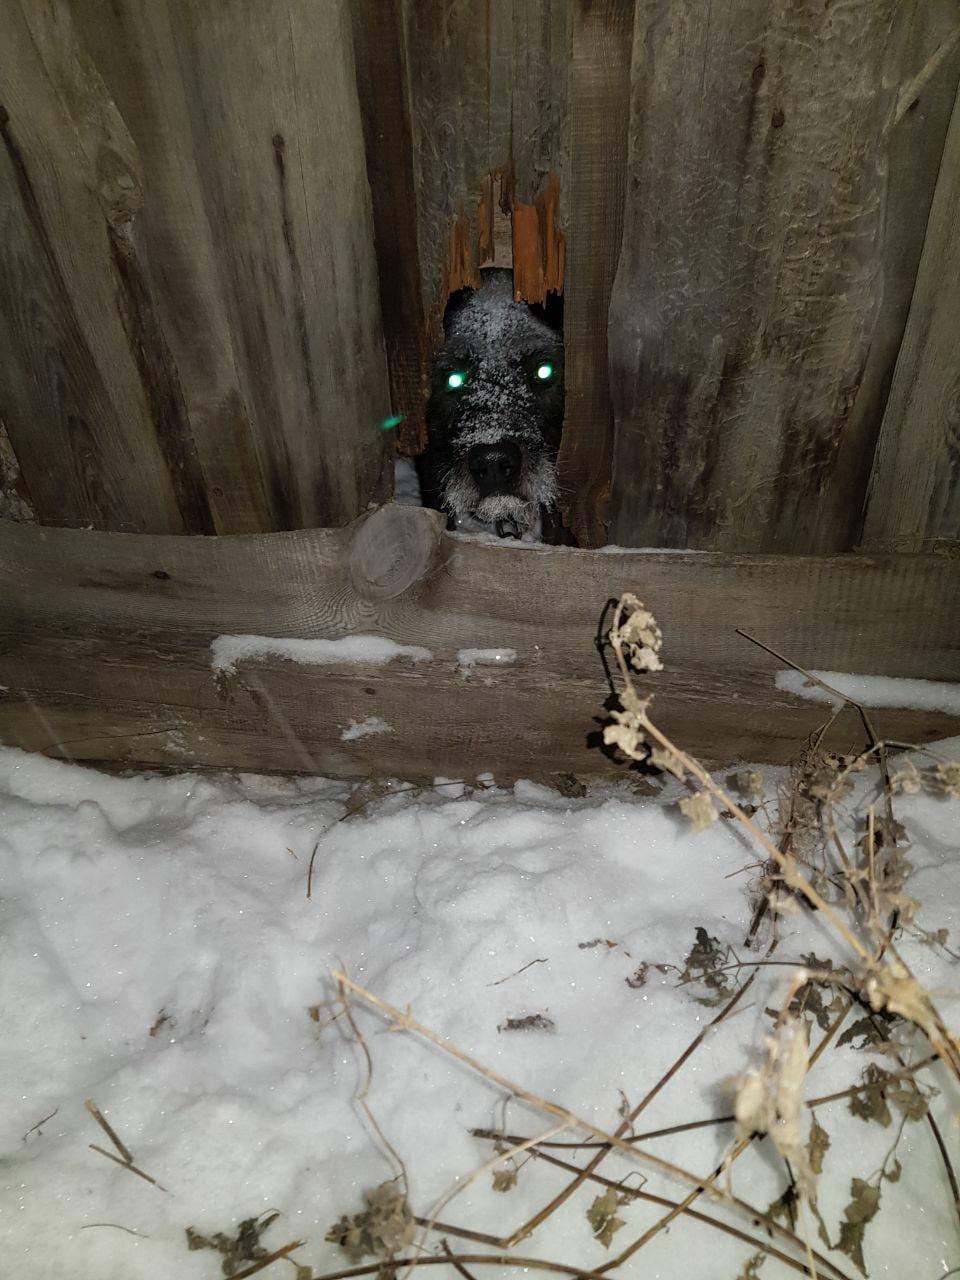 Сколько дней пес провел на морозе без еды и воды, точно неизвестно